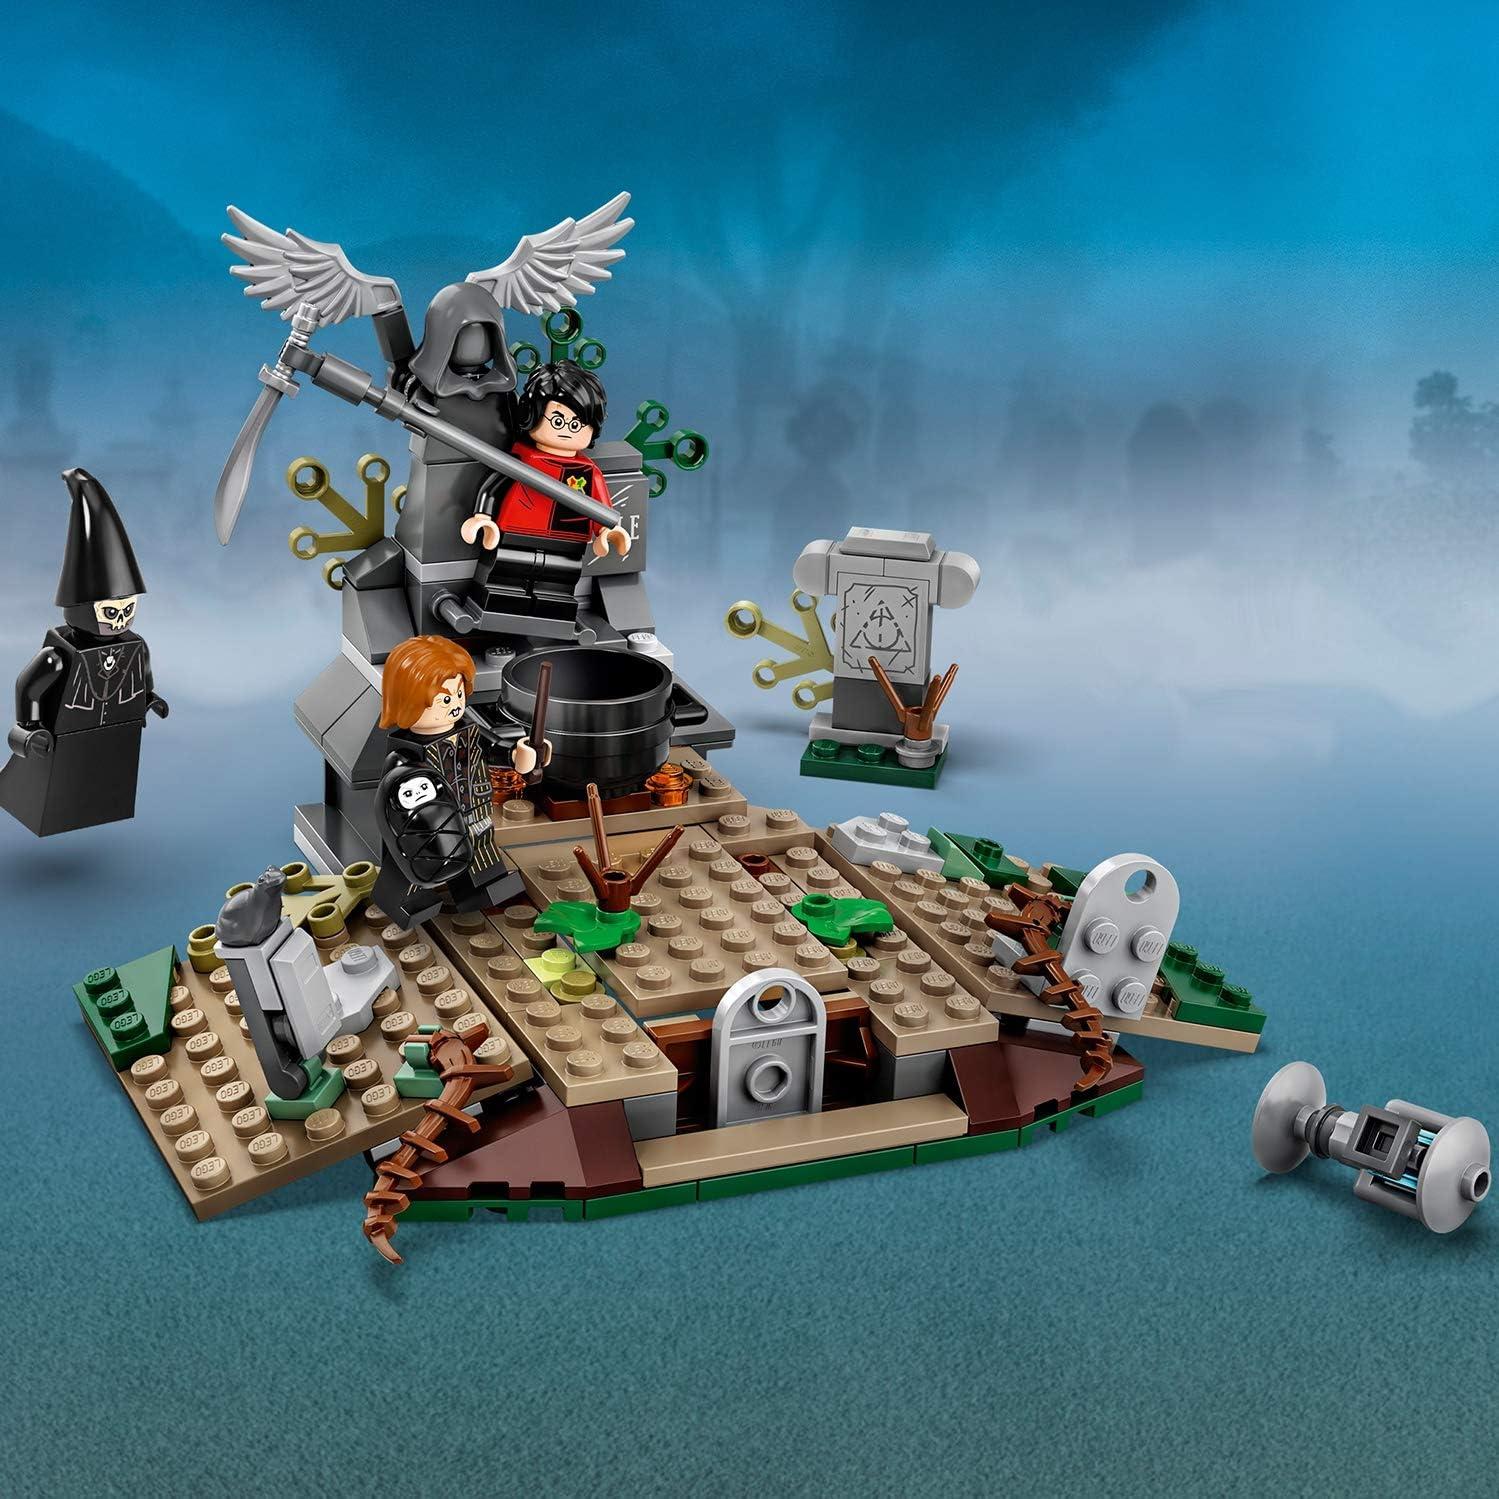 Lego Harry Potter La coupe de feu Voldemort Building Set Hangleton cimetière